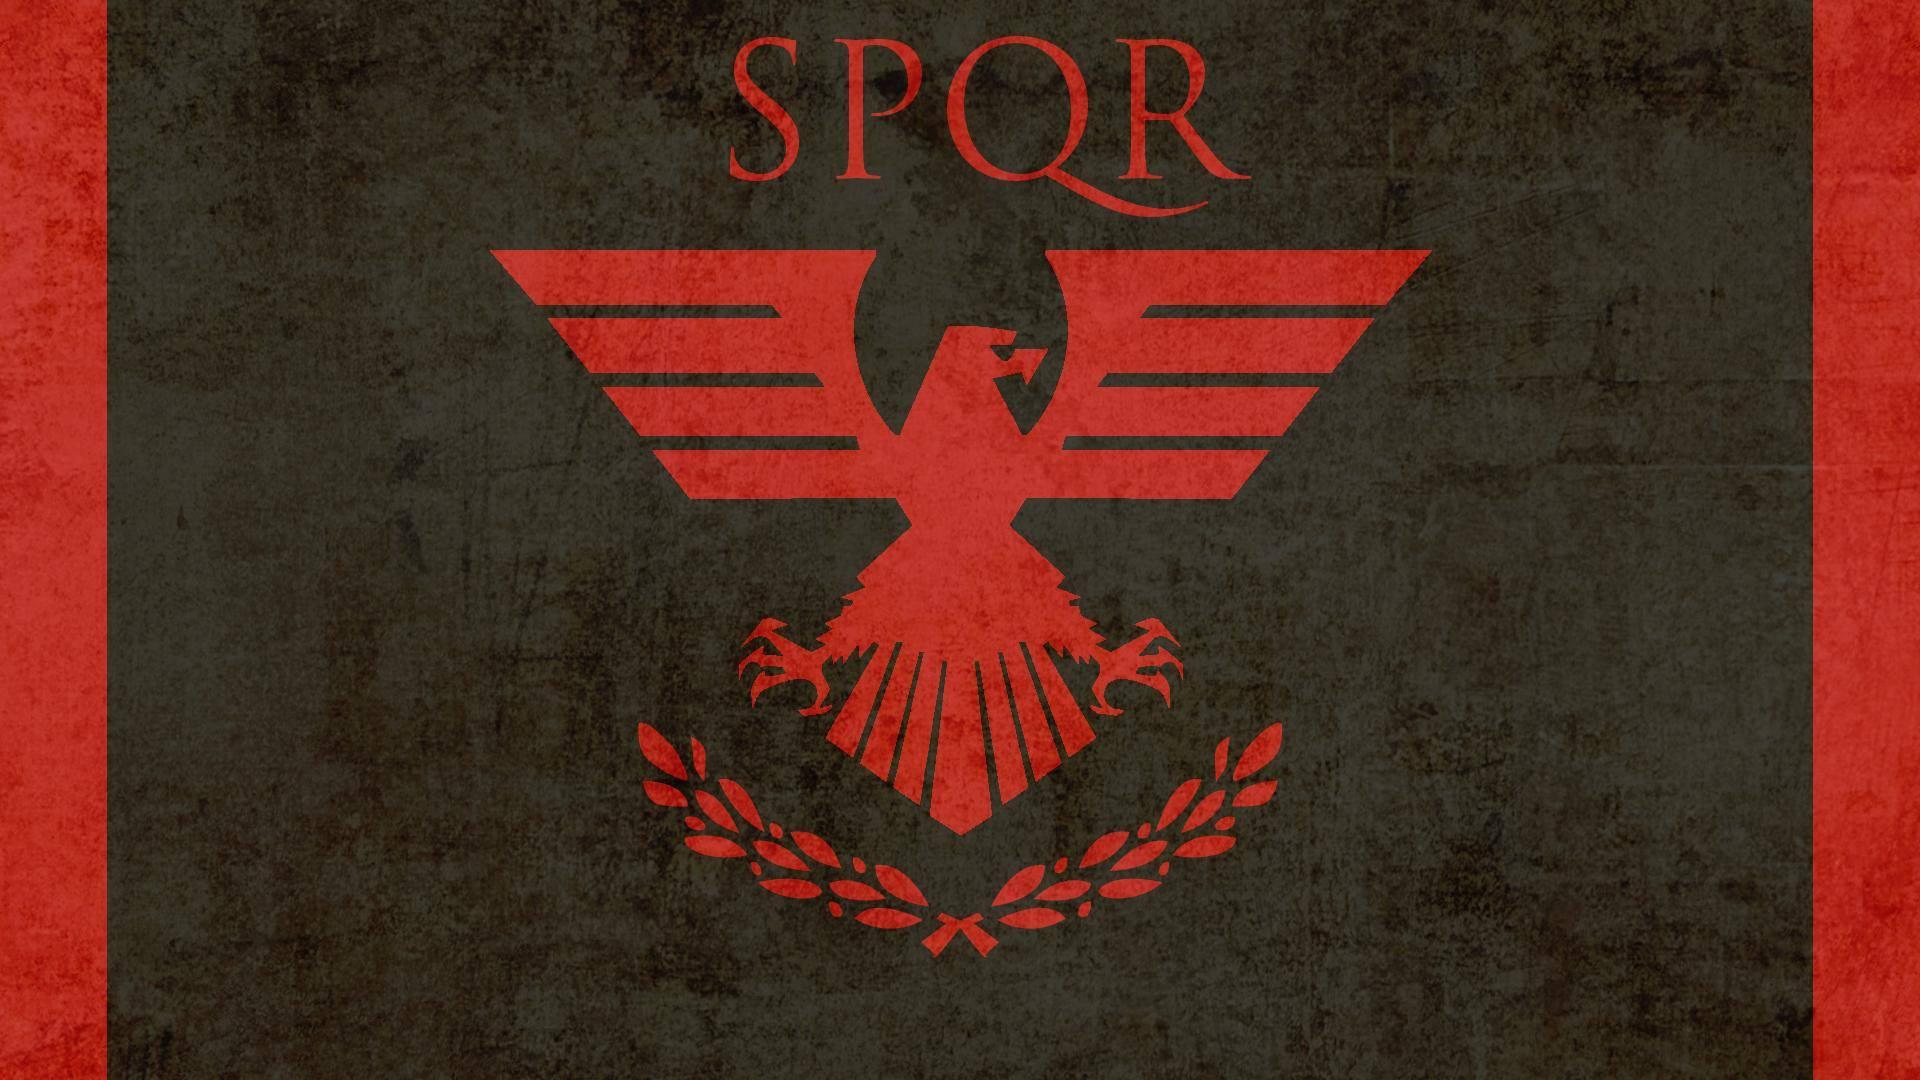 Roman Spqr Wallpaper SPQR Wallpapers - Wall...